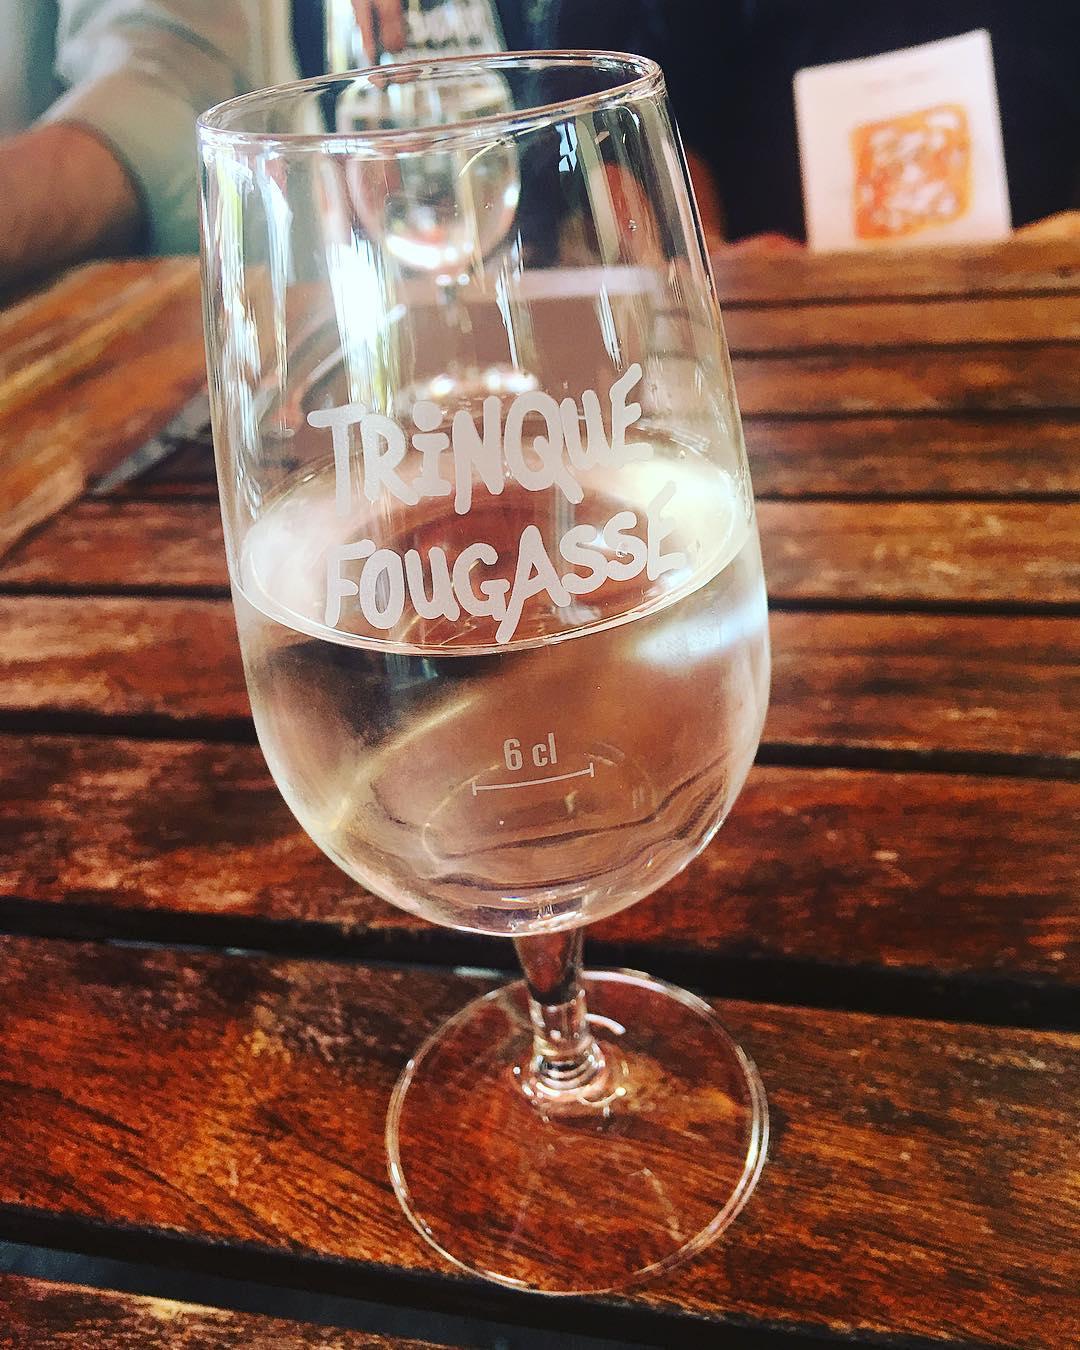 Quand tu es en #defiveggie et que tu as envie de te faire du mal ?.... SURPRISE ? ils ont une planche #Veggie ... mais ça fait quand même mal de voir les entrecôtes !!! ?? . ➕ TRINQUE FOUGASSE O SUD . ? Montpellier (34)?? . ____________________ #wine #trinquefougasse #trinquefougasseosud #restaurant #montpellier #pintademontpellier #food #foodlover #blogfood #bloggerfood #foodporn